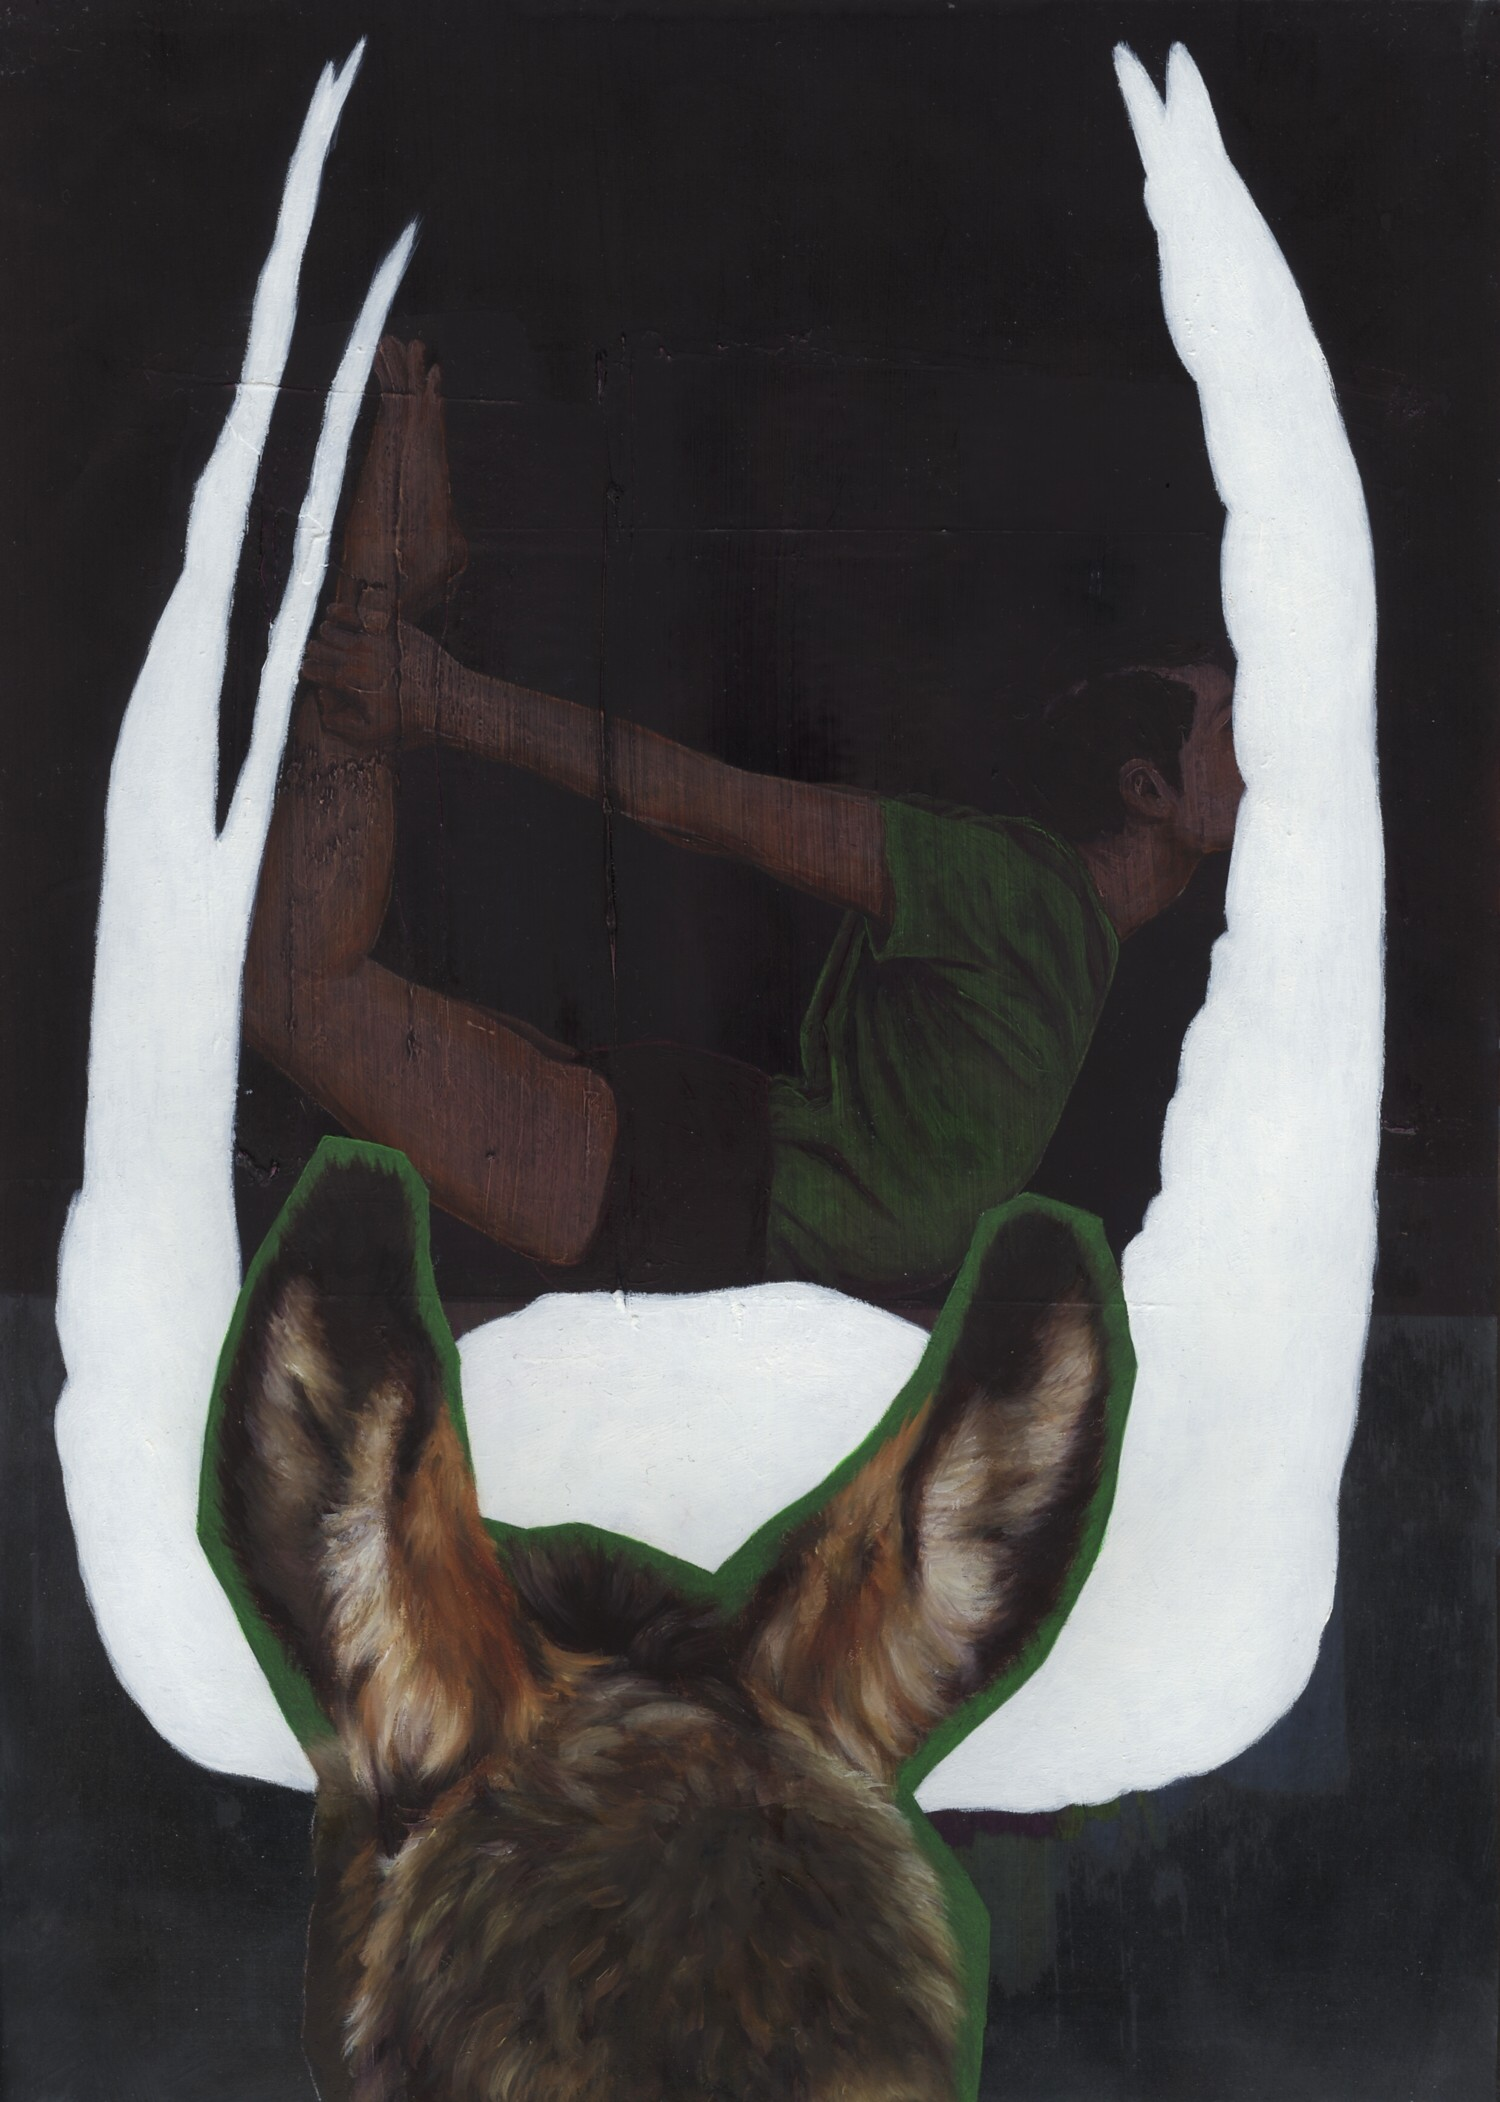 Vellum 34#2013, 29,7 x 21 cm, Öl auf Transparentpapier